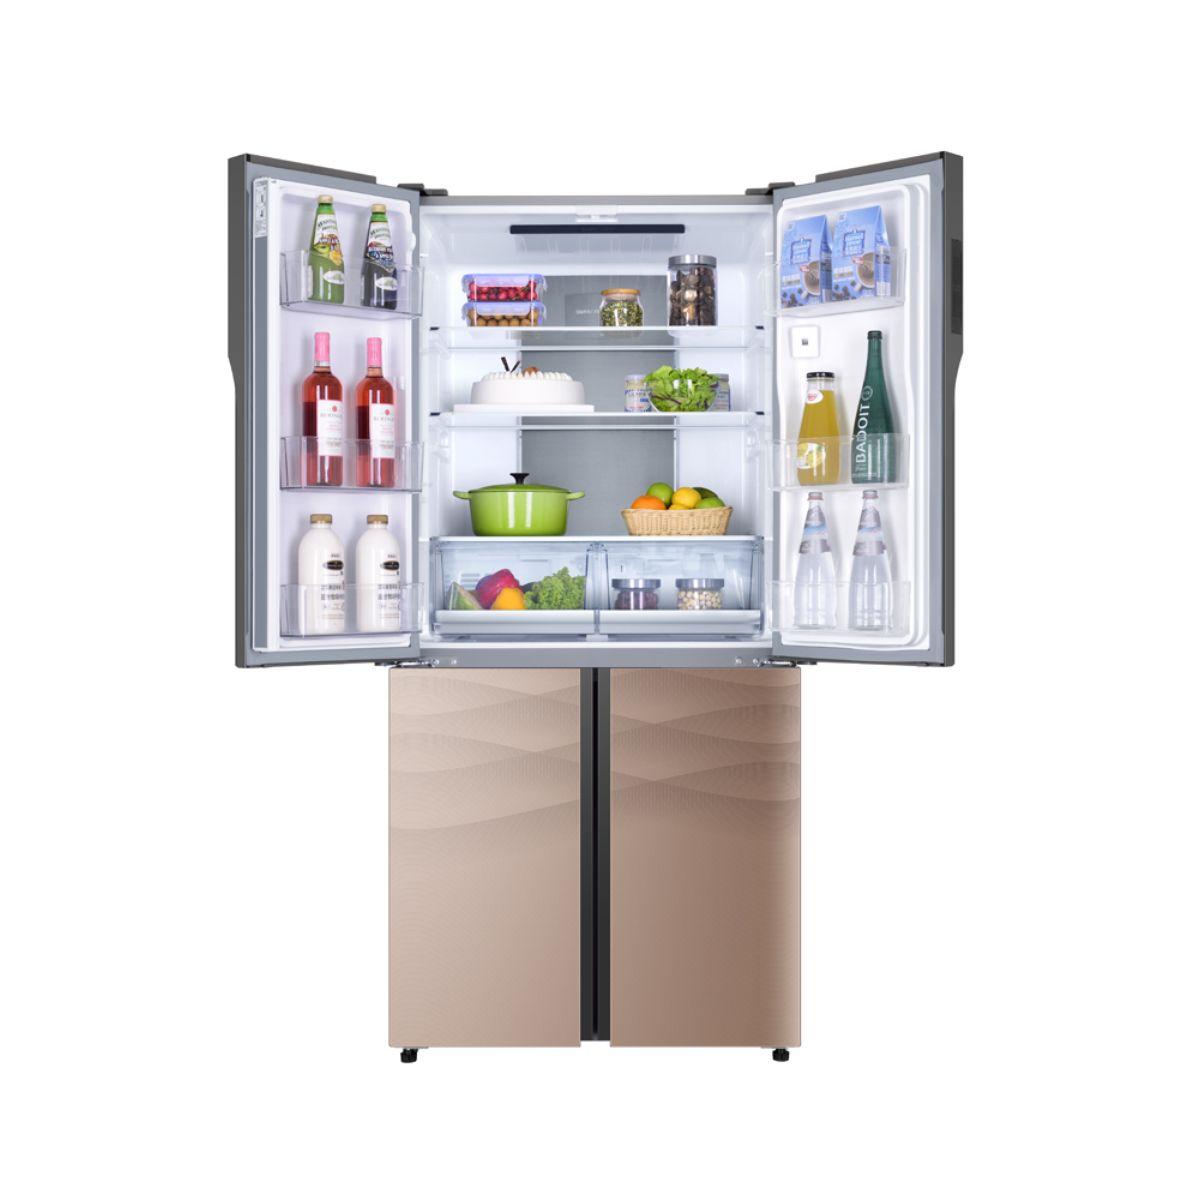 你知道冰箱怎么保养吗